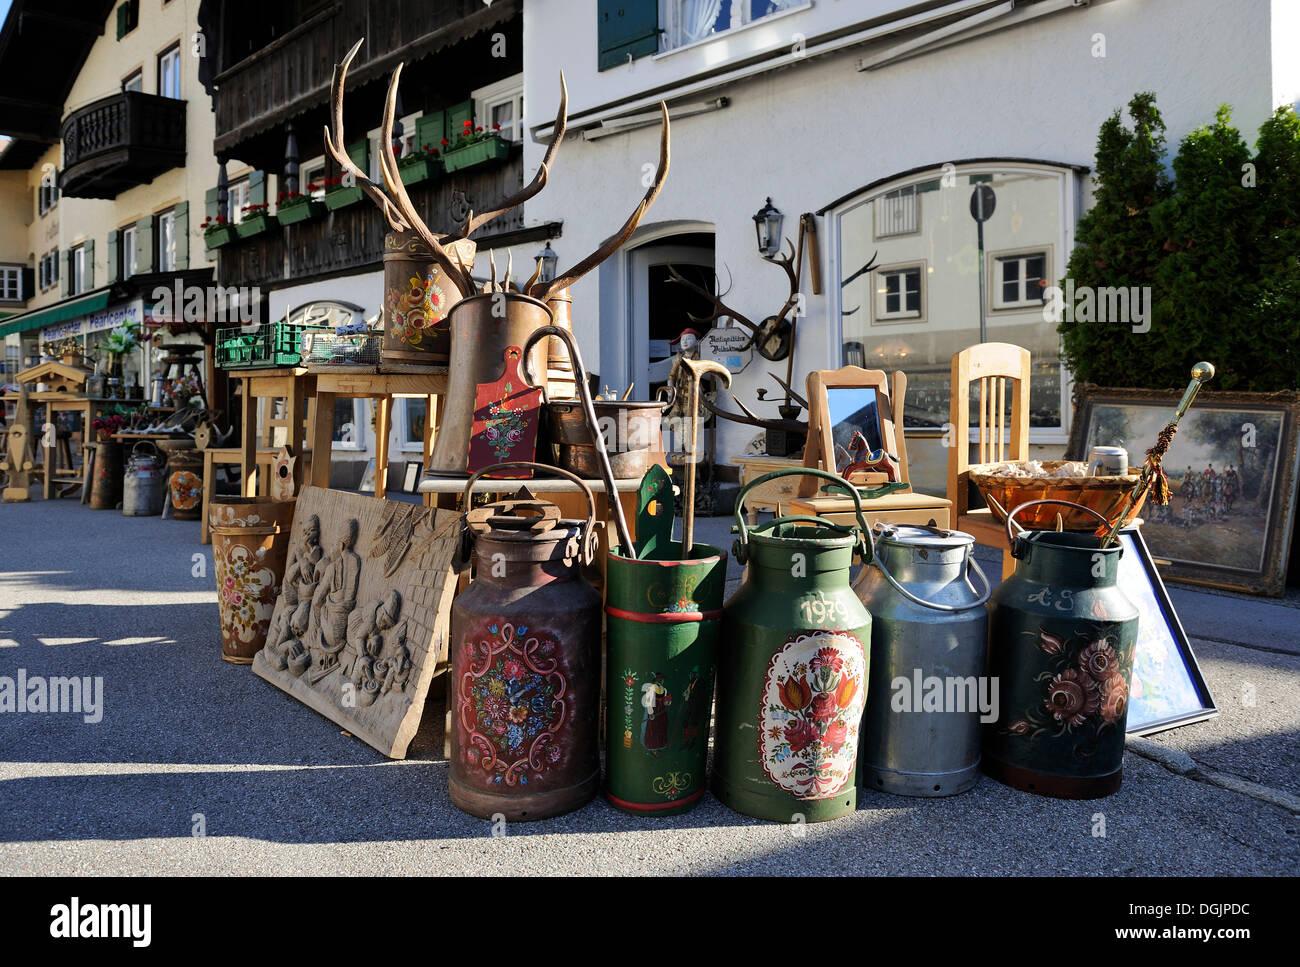 Antiques dealer's shop in Tegernsee, Upper Bavaria, Bavaria - Stock Image